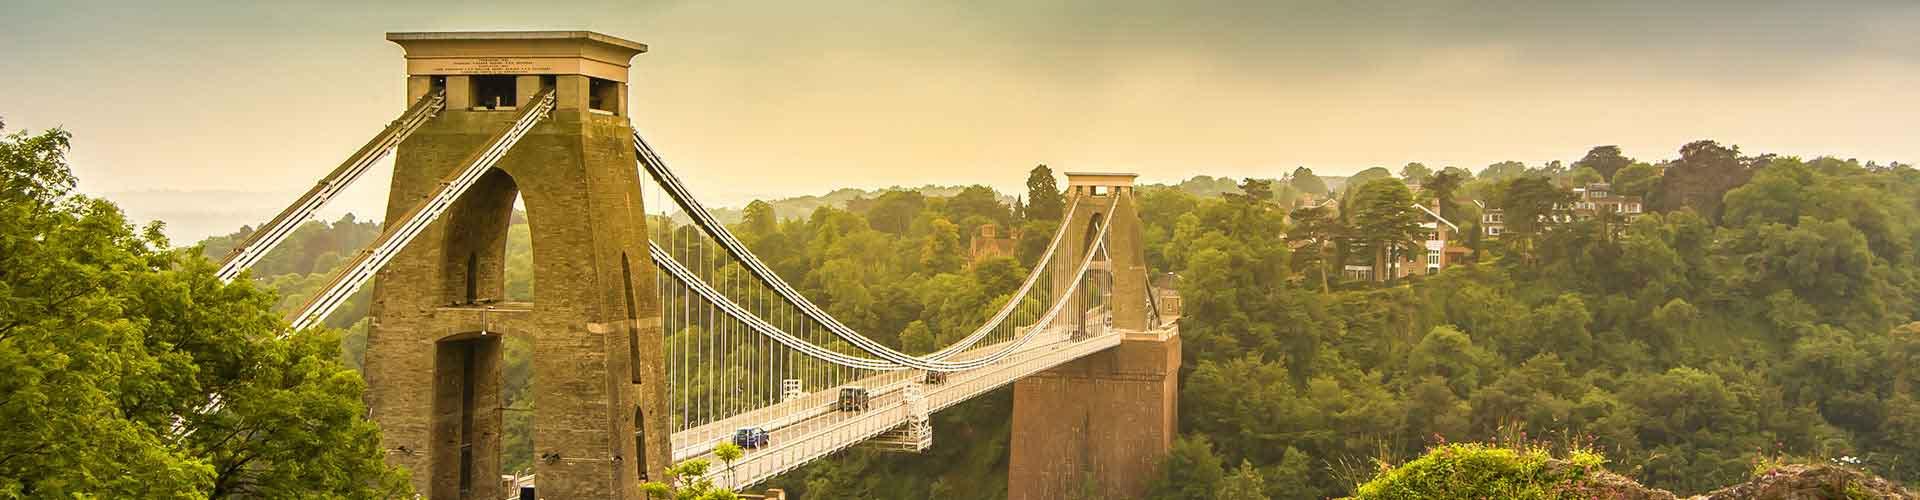 Bristol – Hostellit kaupungiosassa Broadmead. Bristol -karttoja, valokuvia ja arvosteluja kaikista Bristol -hostelleista.